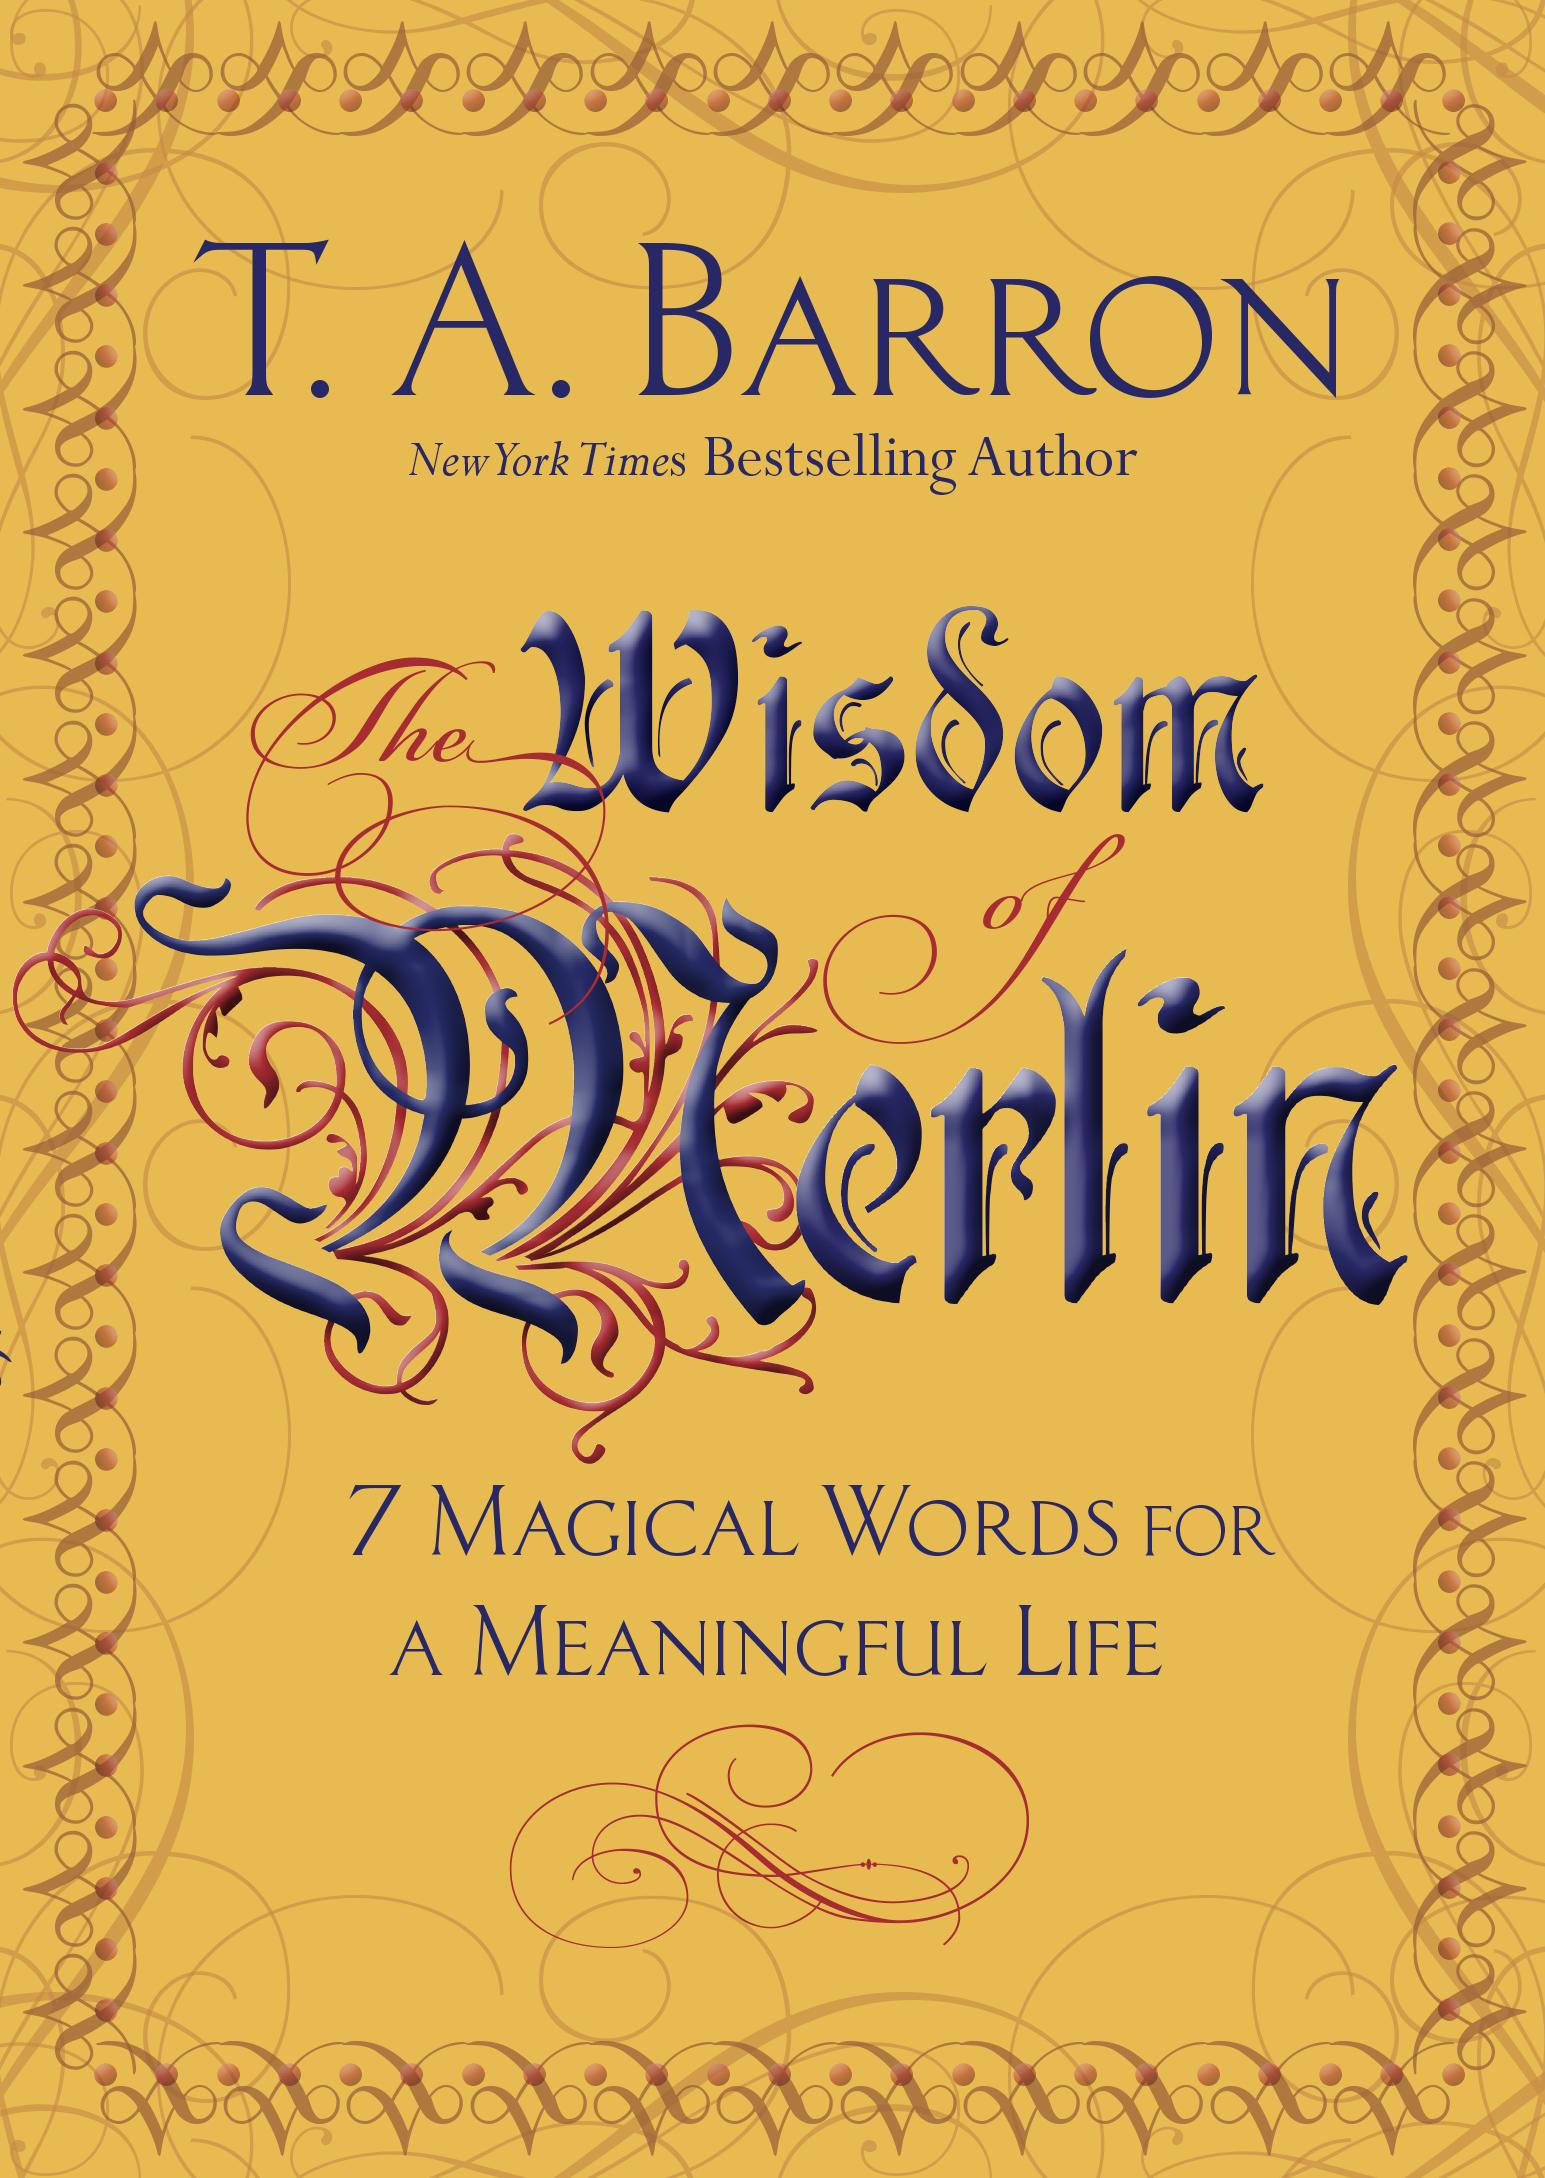 Author T.A. Barron